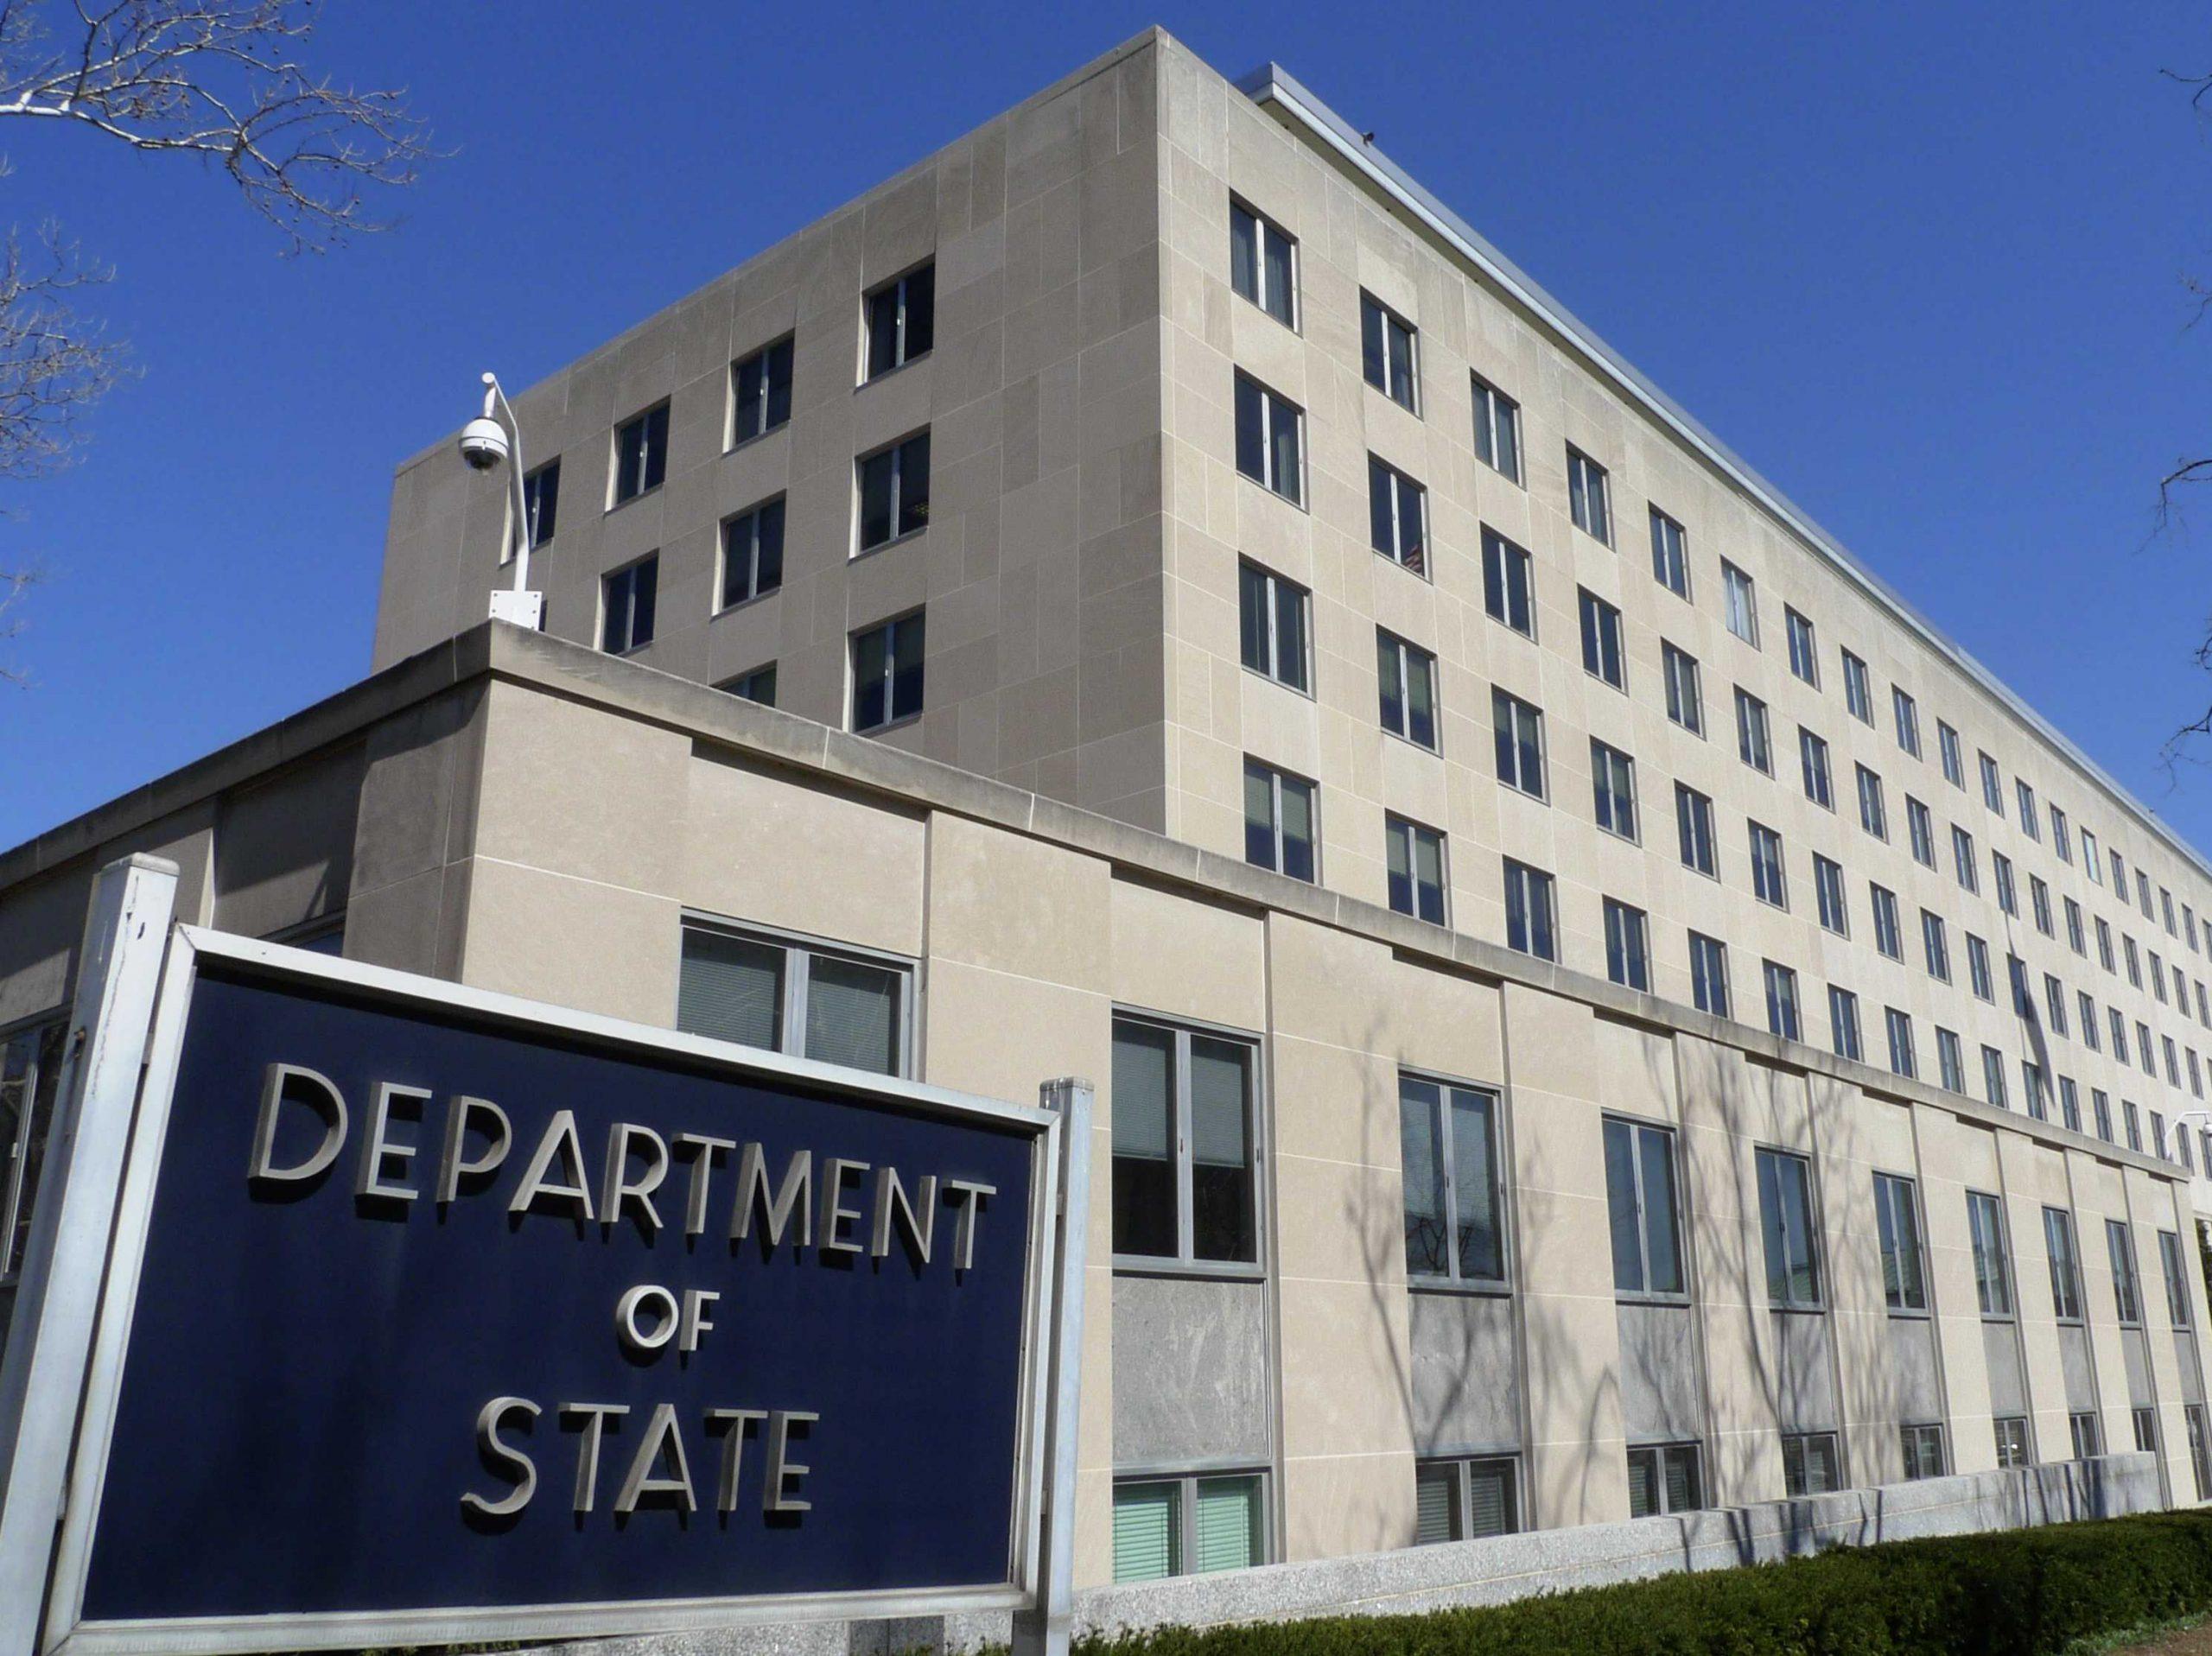 ΗΠΑ για Συρία: Στηρίζουμε την Τουρκία, αλλά δεν ξεχνάμε τους S-400